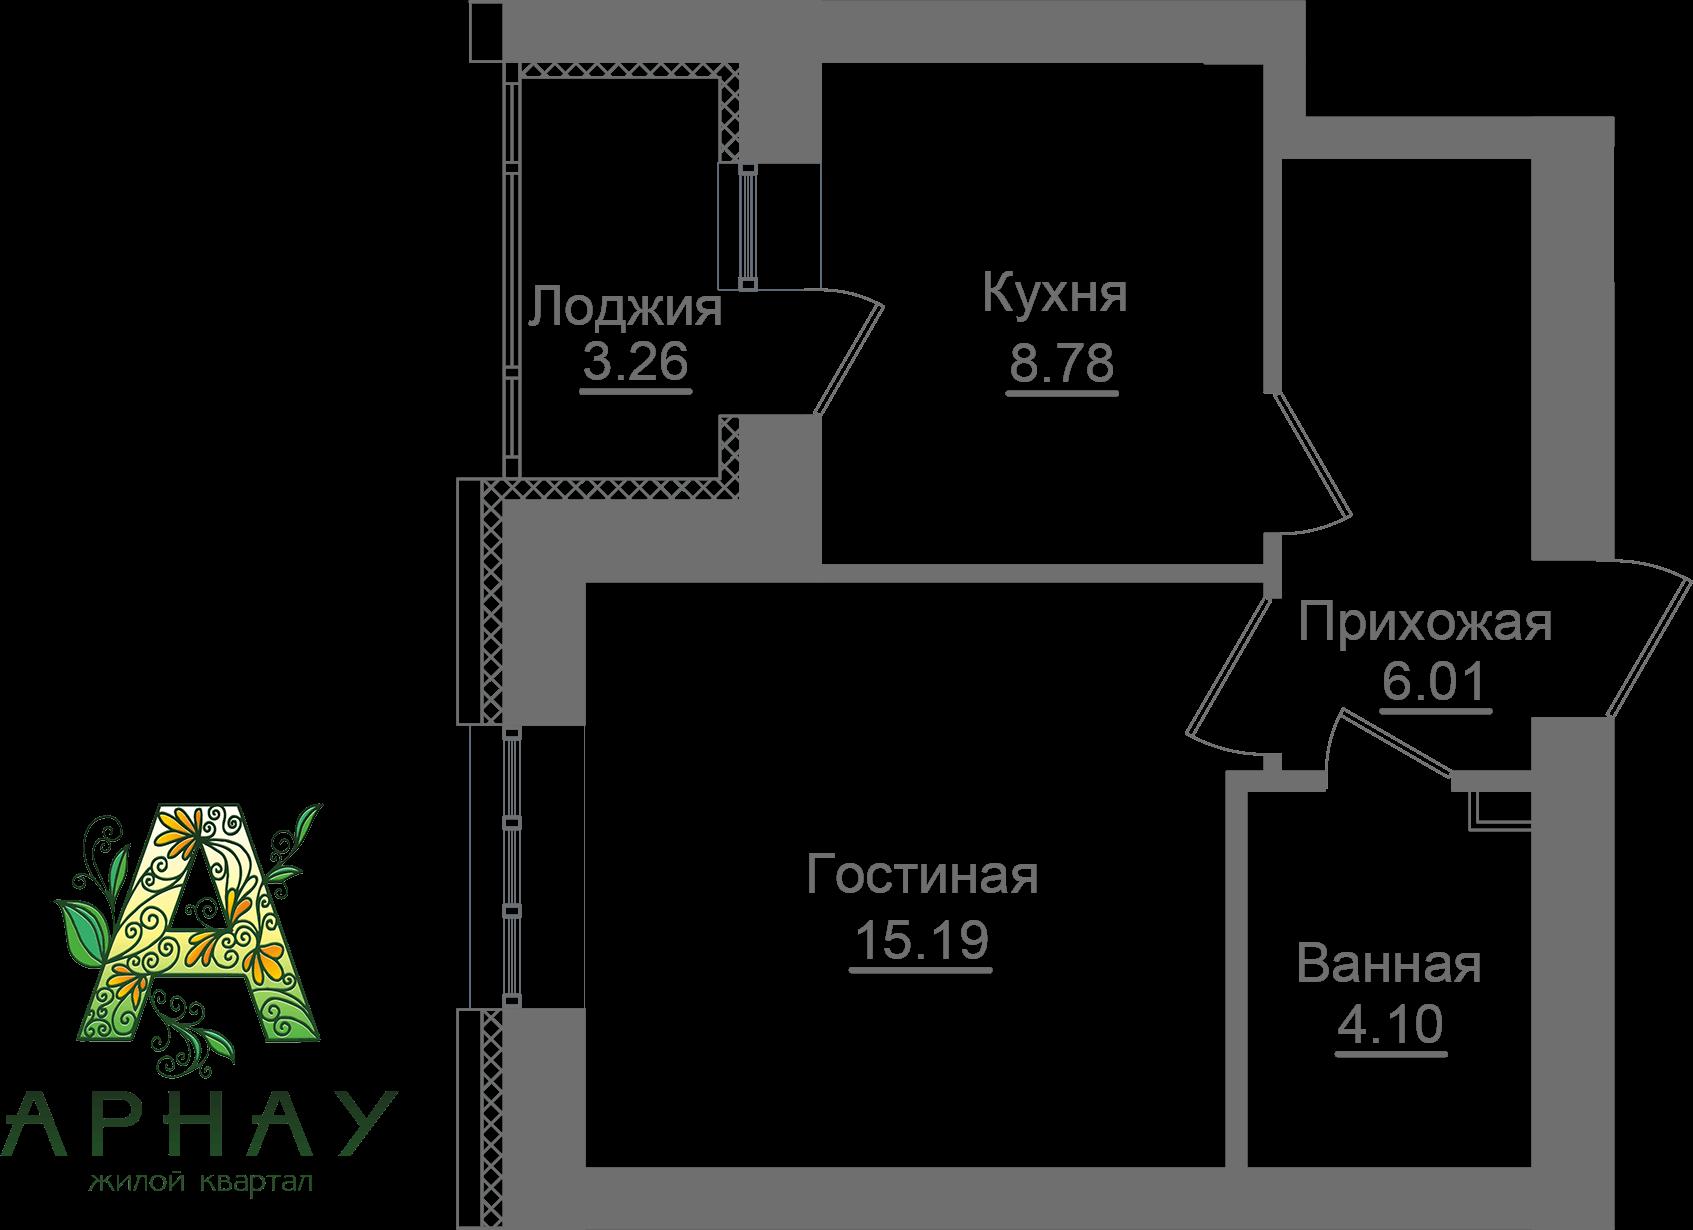 Квартира 66